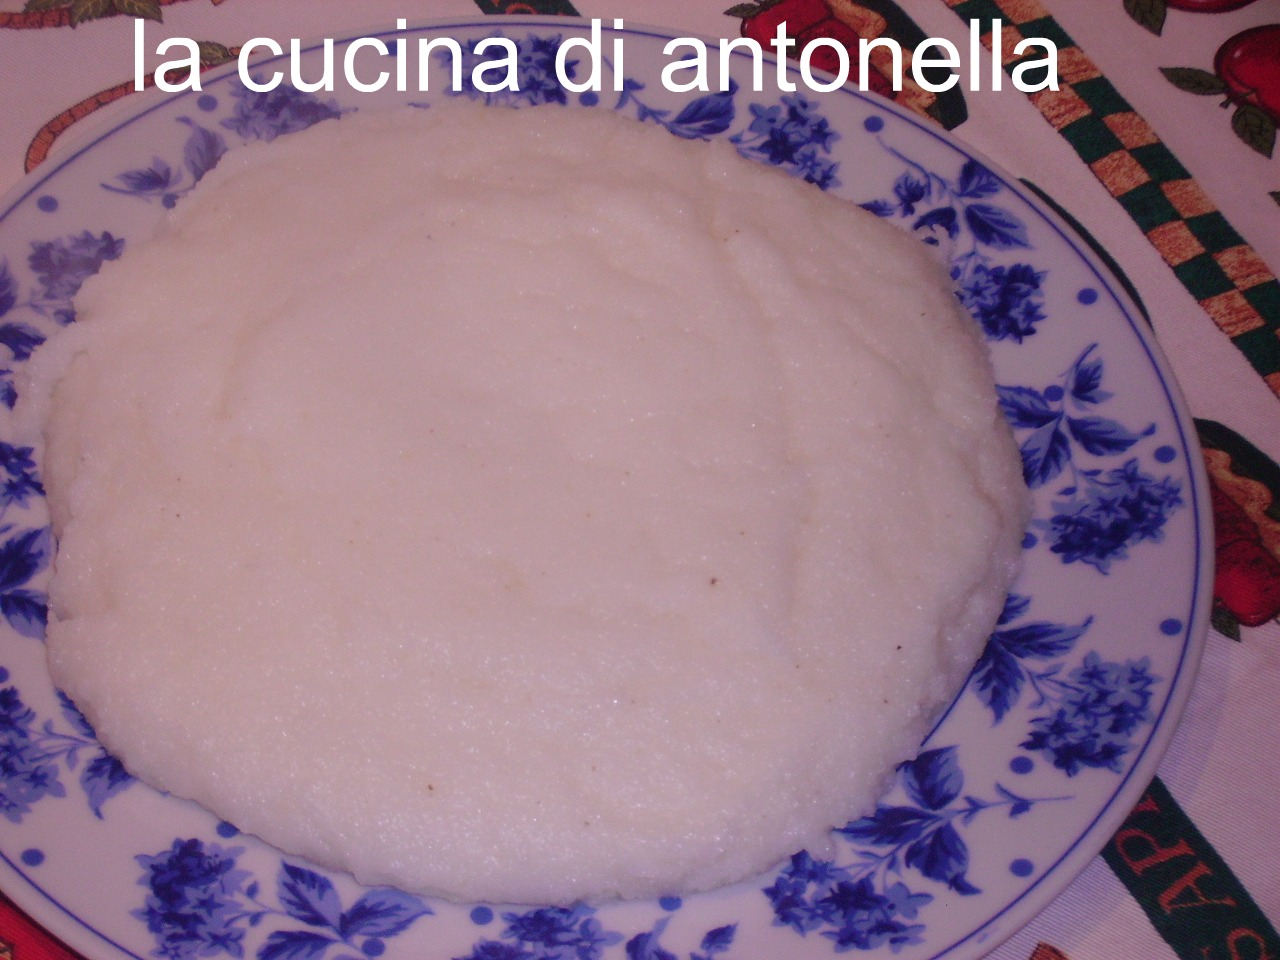 Boreto de masanete alla graisana da la cucina di antonella - La cucina di antonella ...